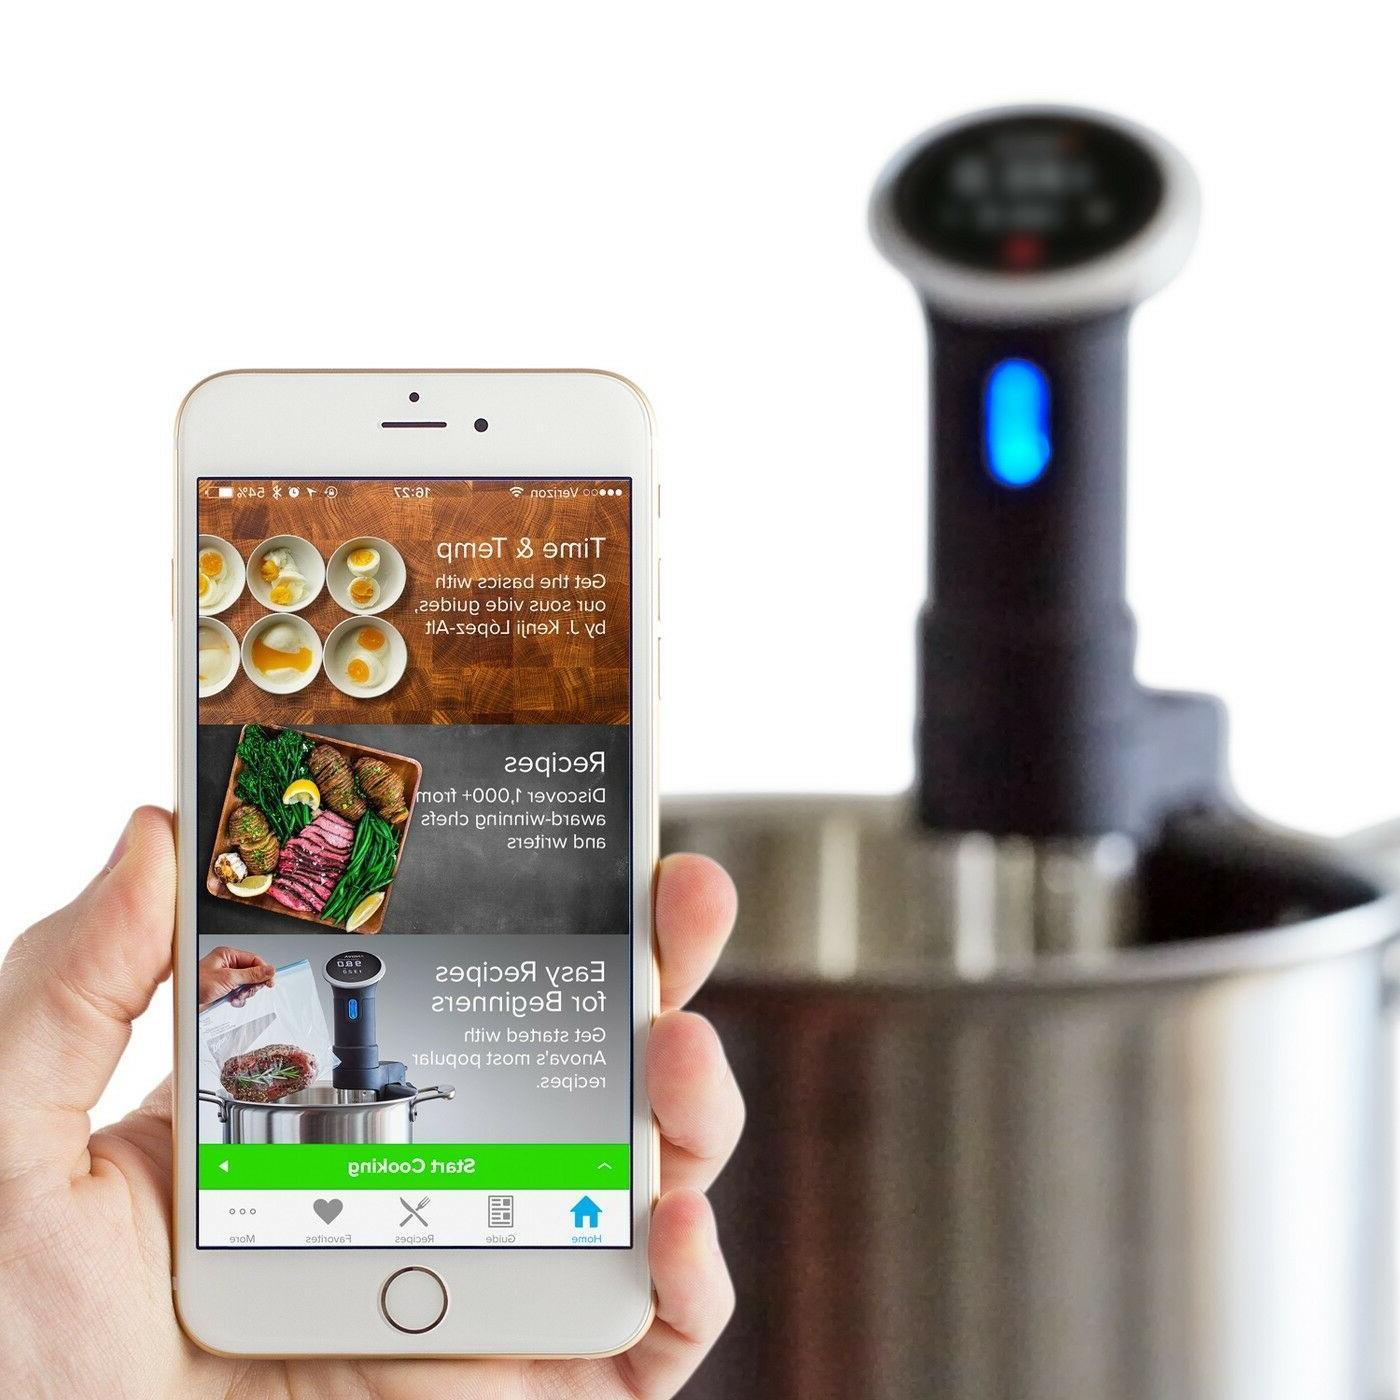 Anova Culinary Sous Vide Precision Cooker Bluetooth Circulator 220V